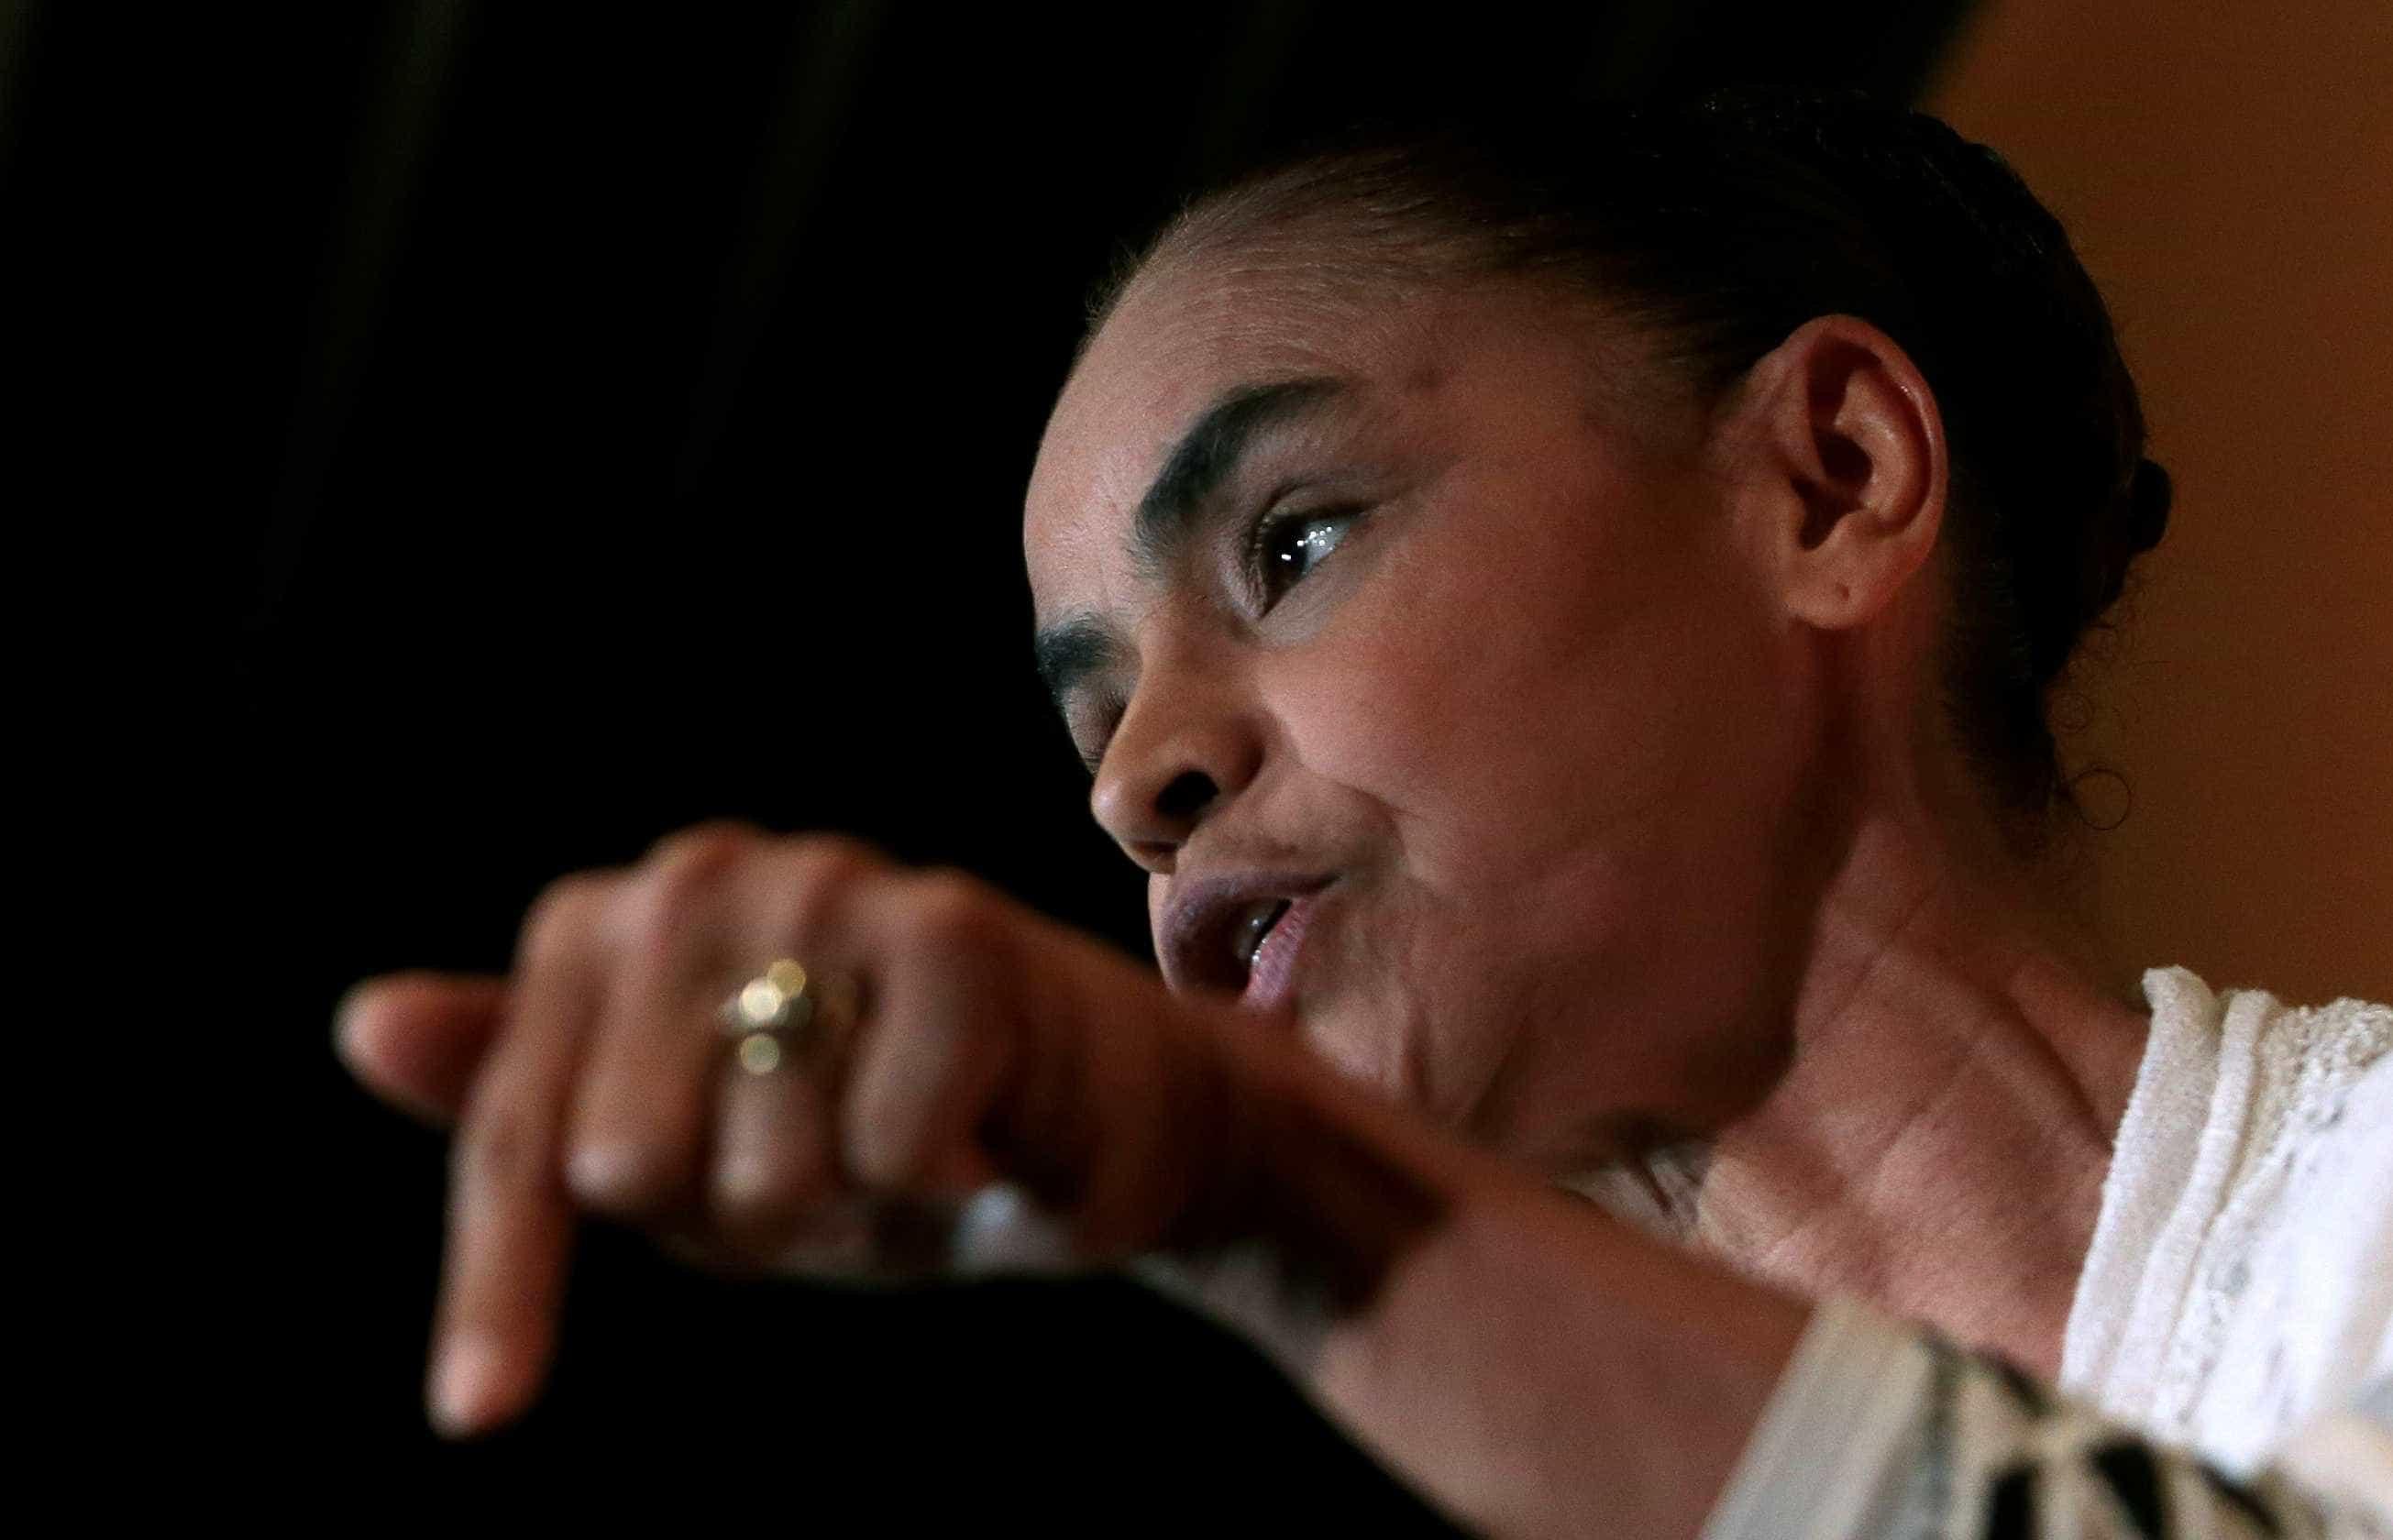 Eleição de 2014 foi uma fraude, afirma Marina Silva